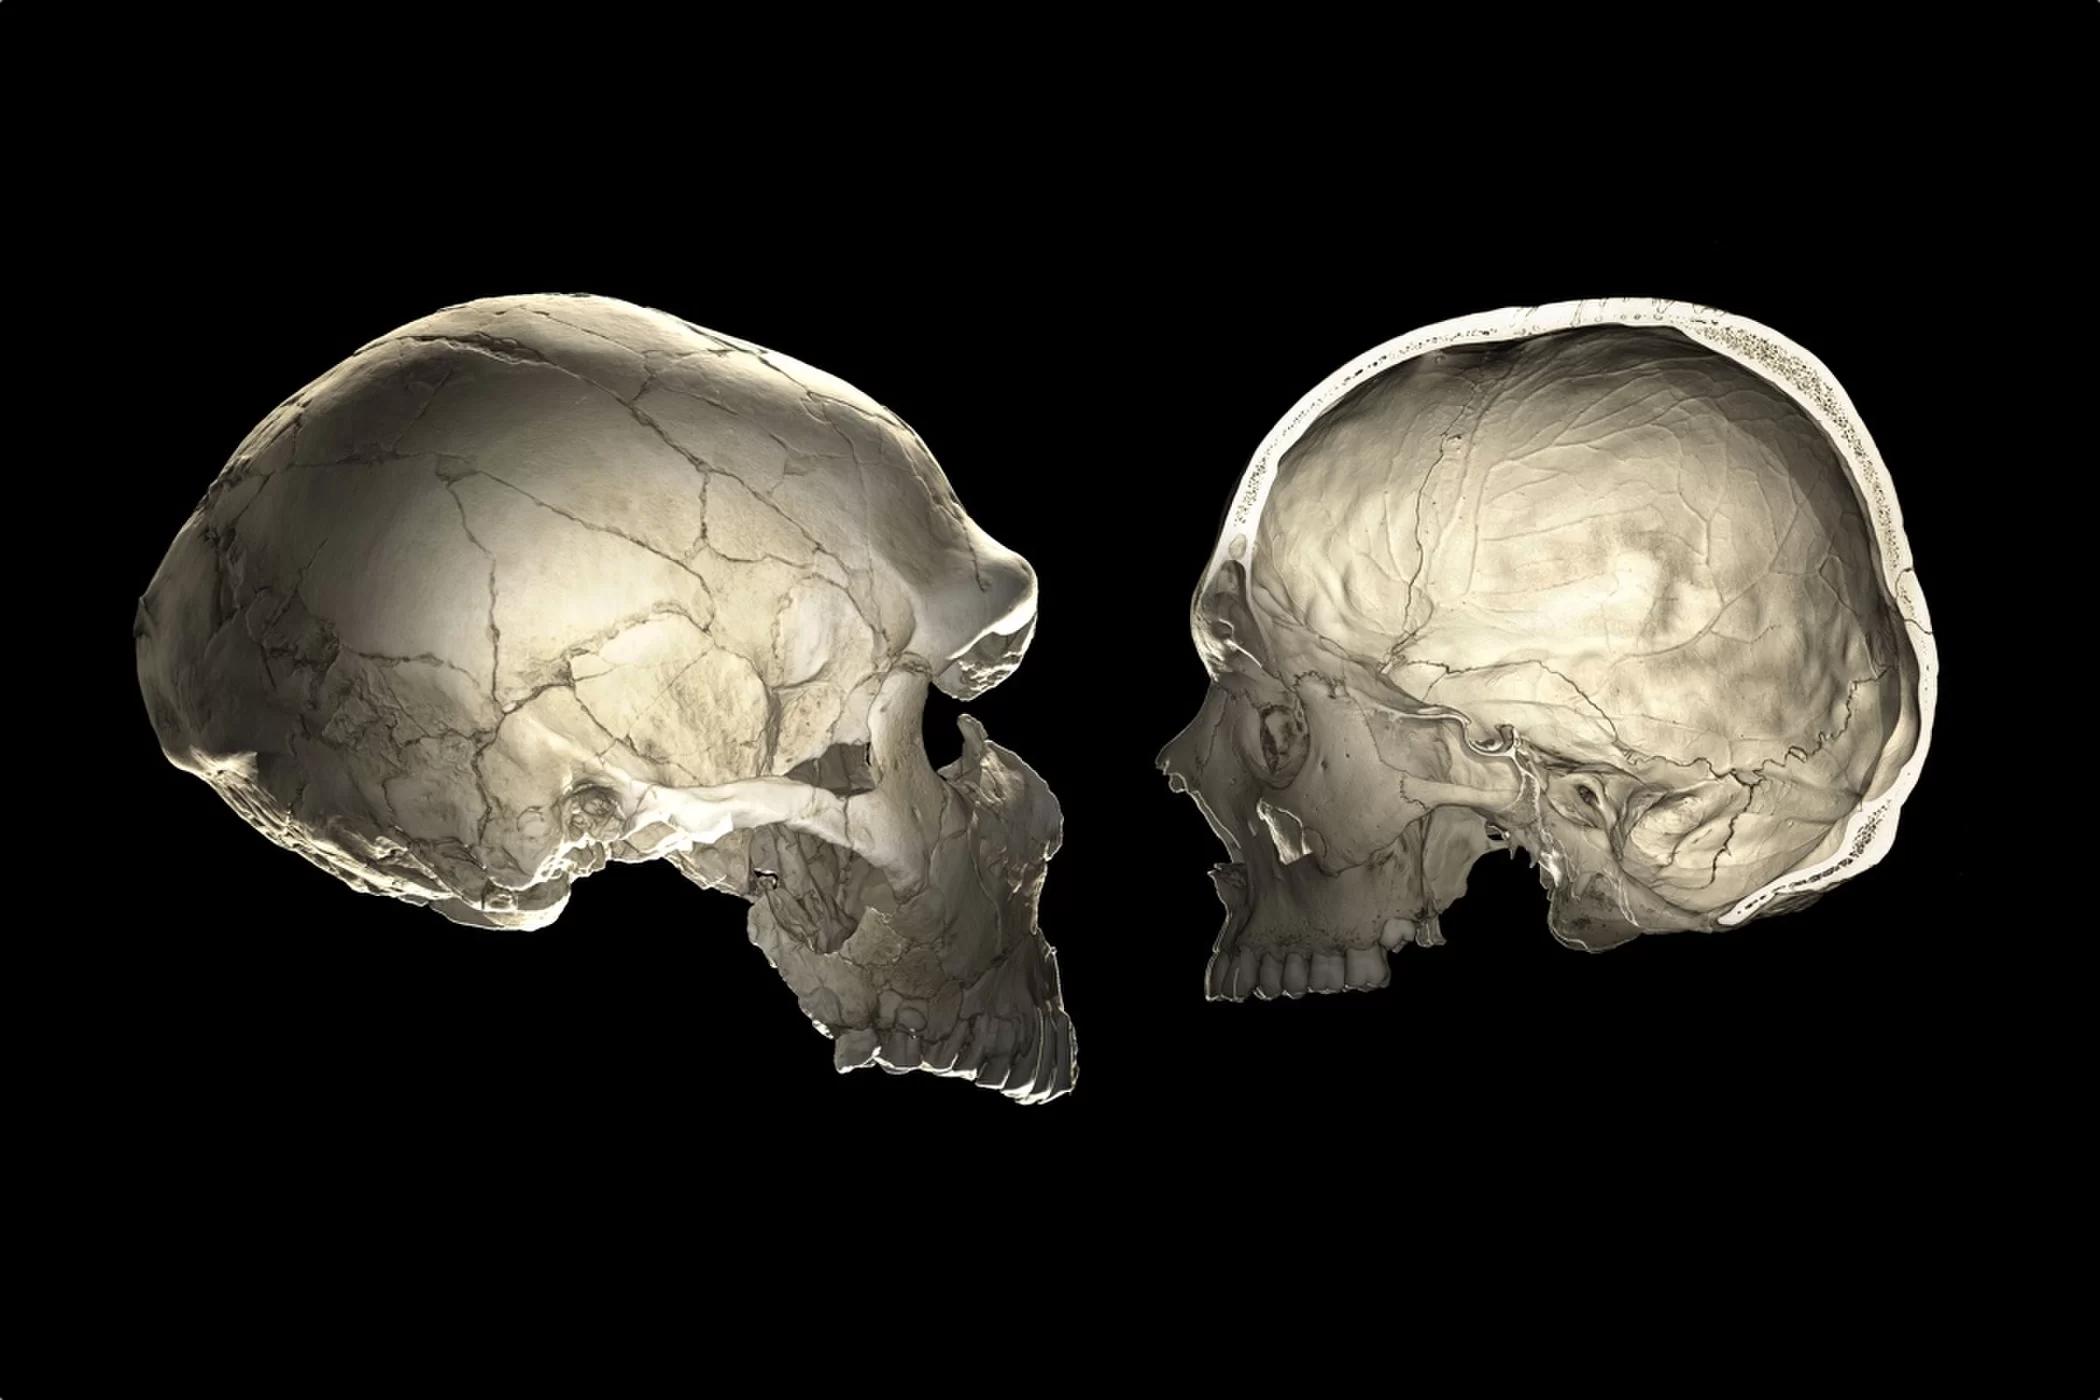 如果你的脸比普通人长, 你可能携带尼特人 DNA